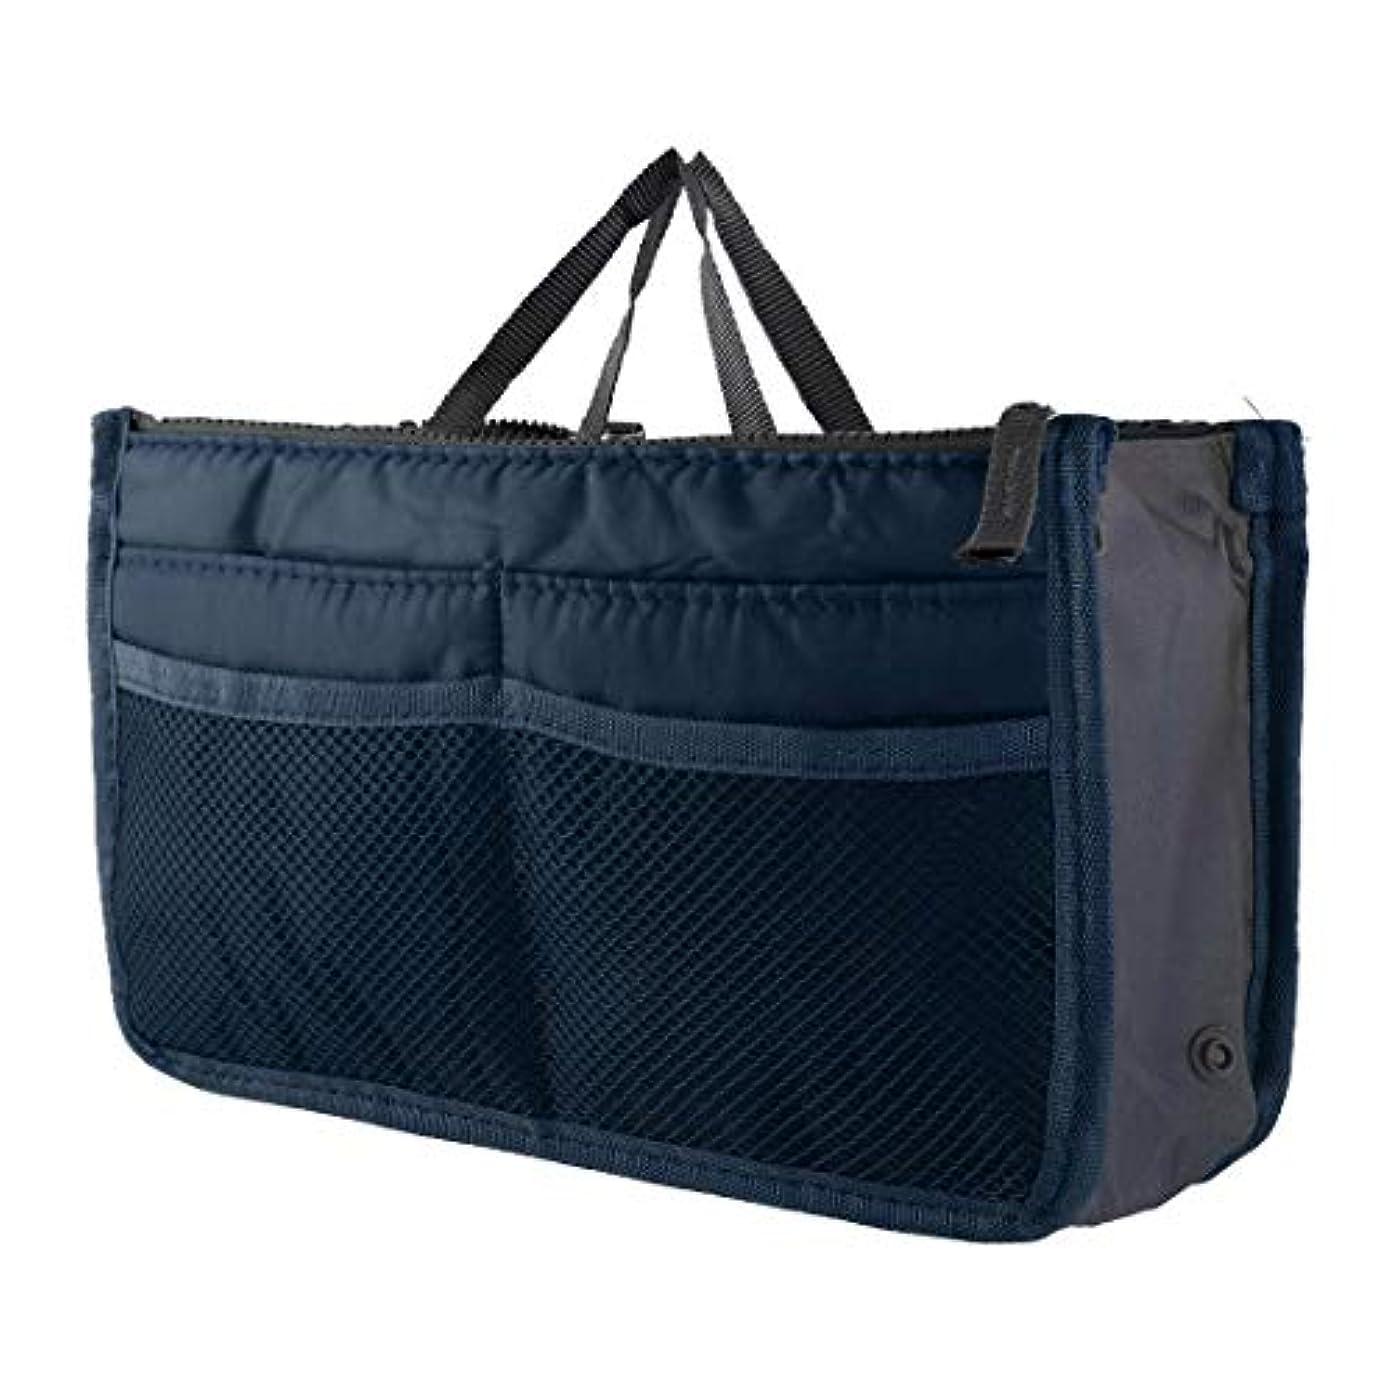 マングルビジネスタンパク質FidgetGear Large Womens Wash Bag Toiletry Cosmetic Travel Make Up Handle Folding Organizer Navy Blue